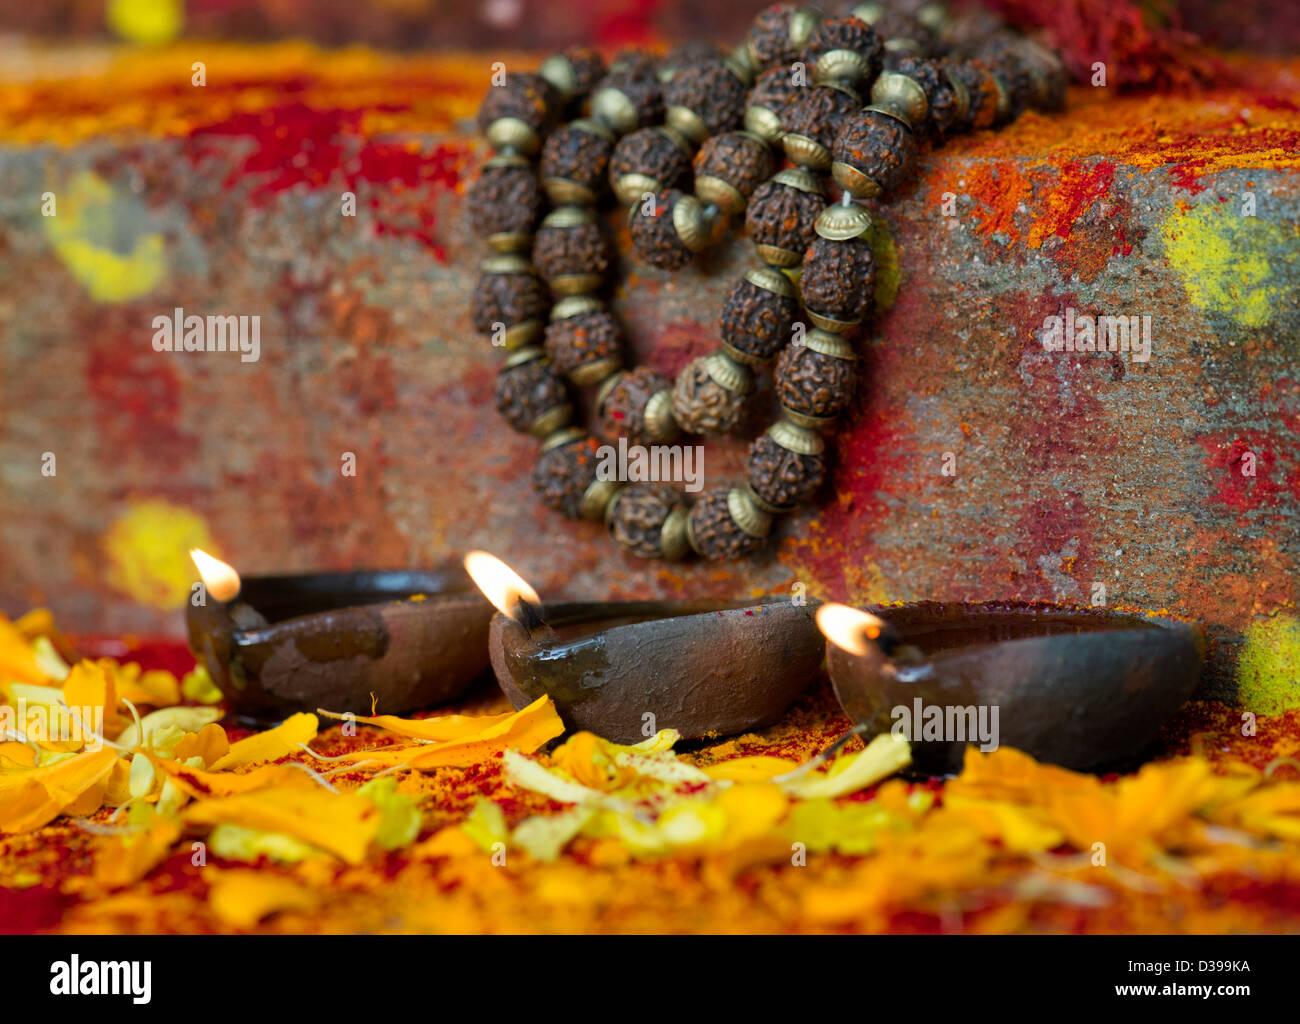 Öl-Lampen und indischen Rudraksha / Japa Mala Gebetskette auf den Stufen des indischen Bauerndorf Schrein / Tempel. Indien Stockfoto